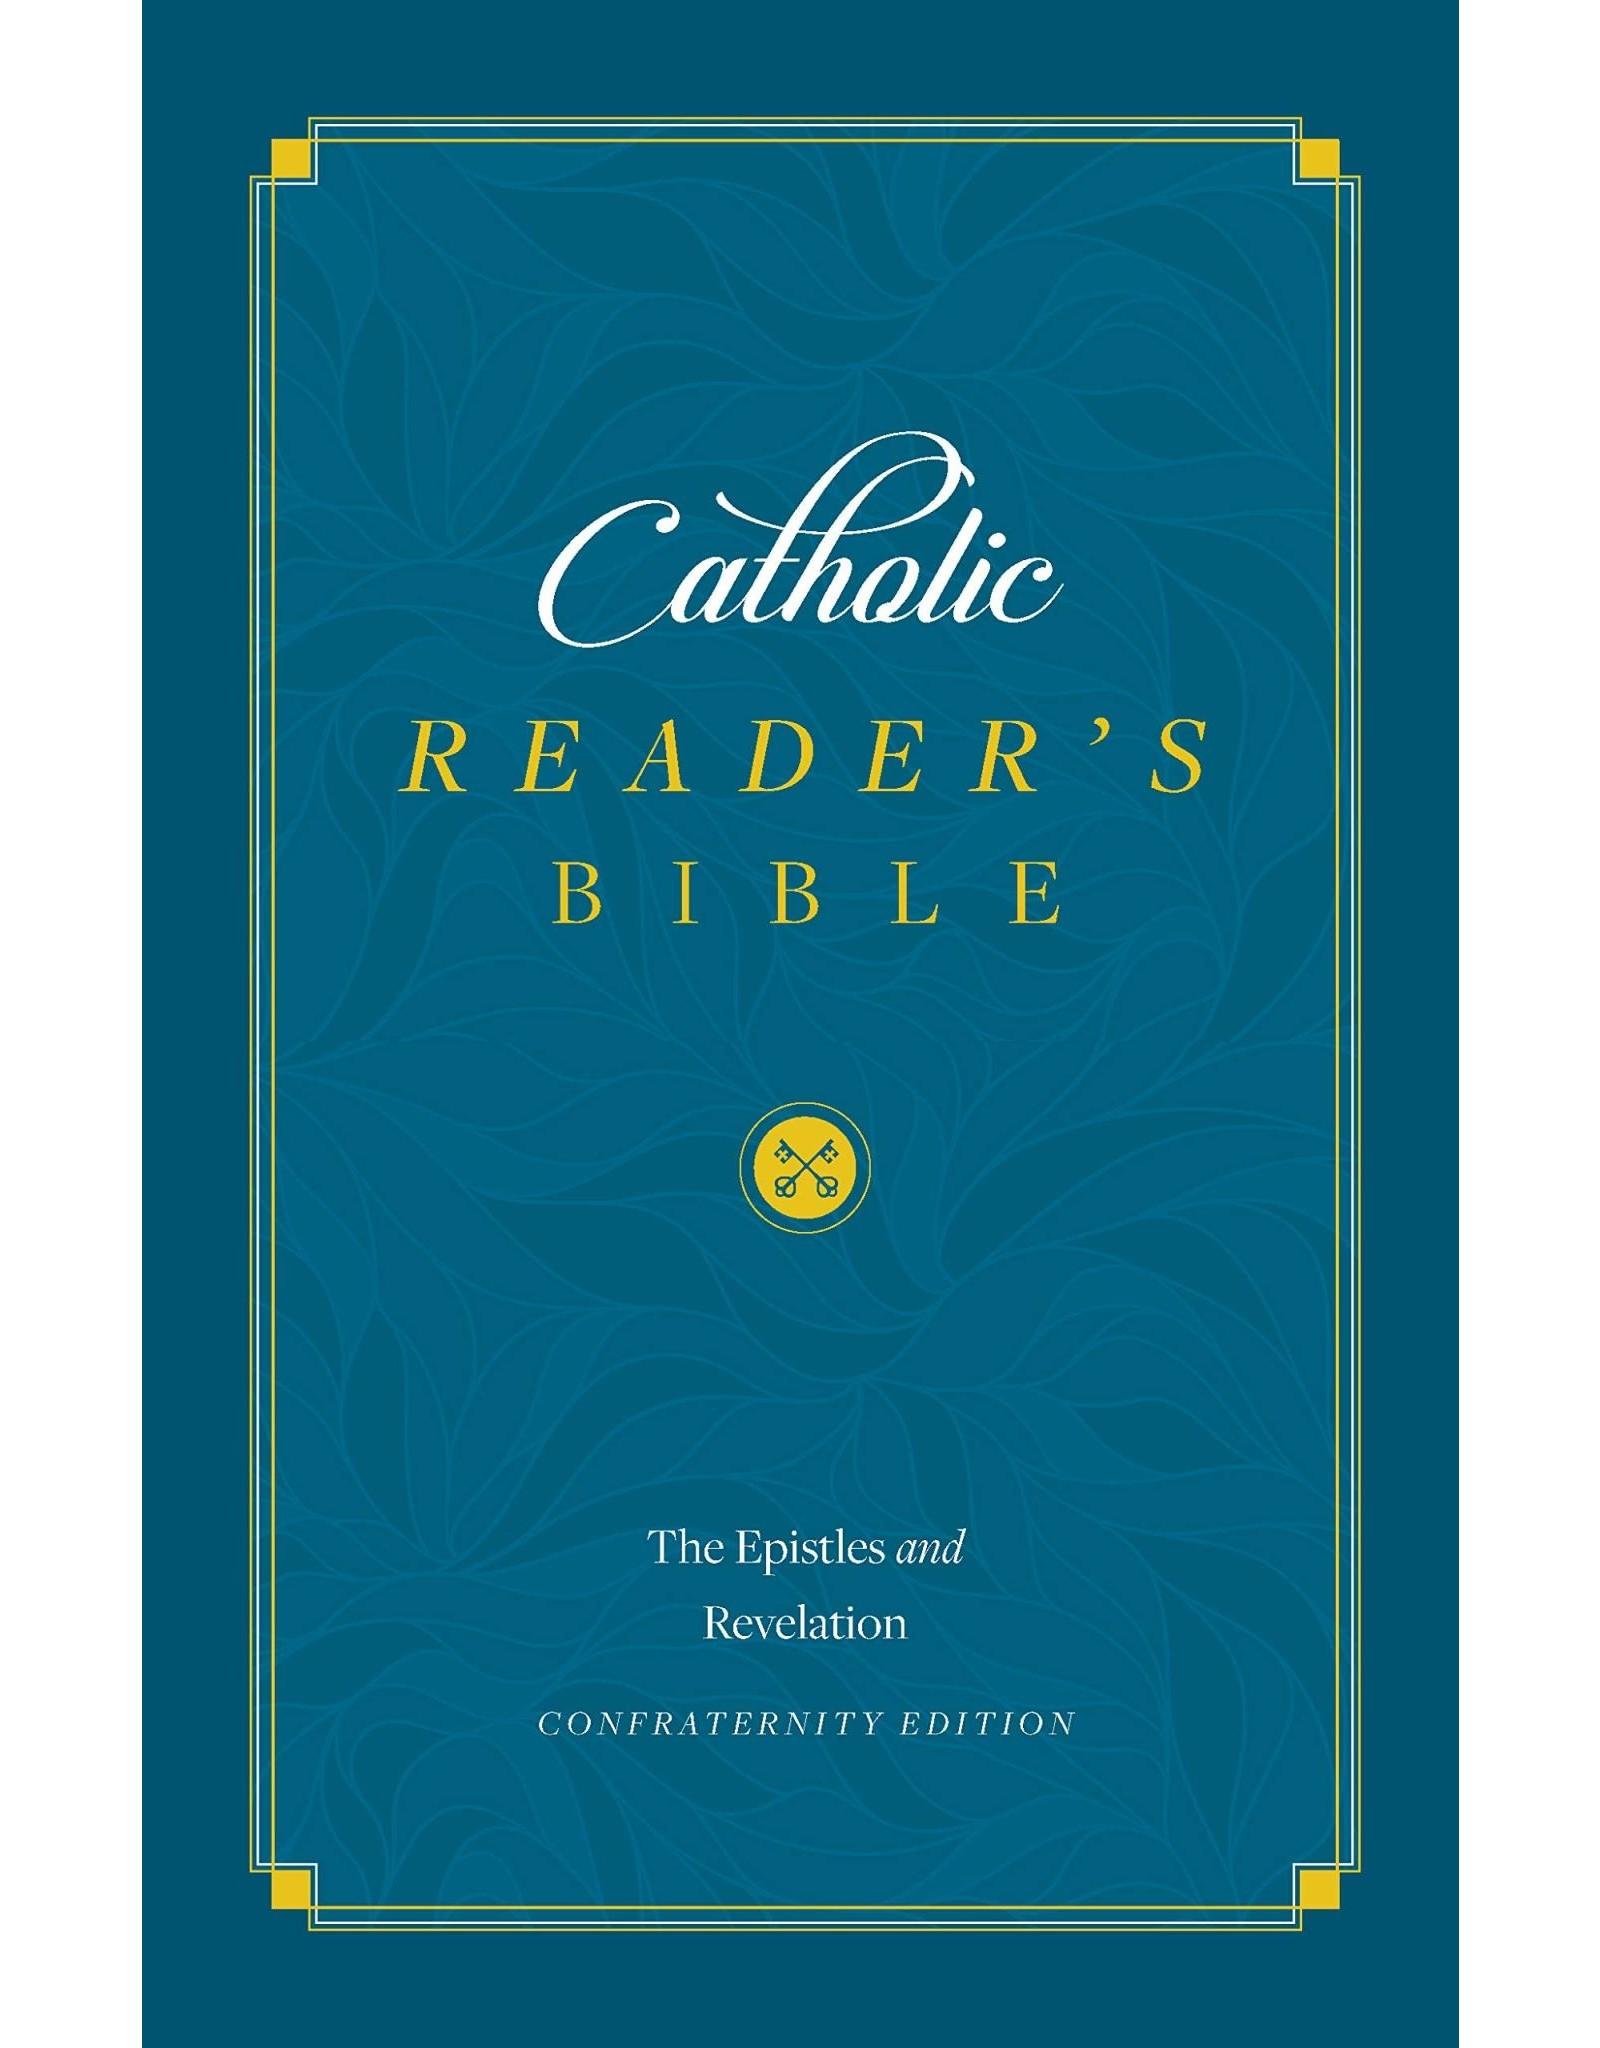 Catholic Reader's Bible: Epistles & Revelation